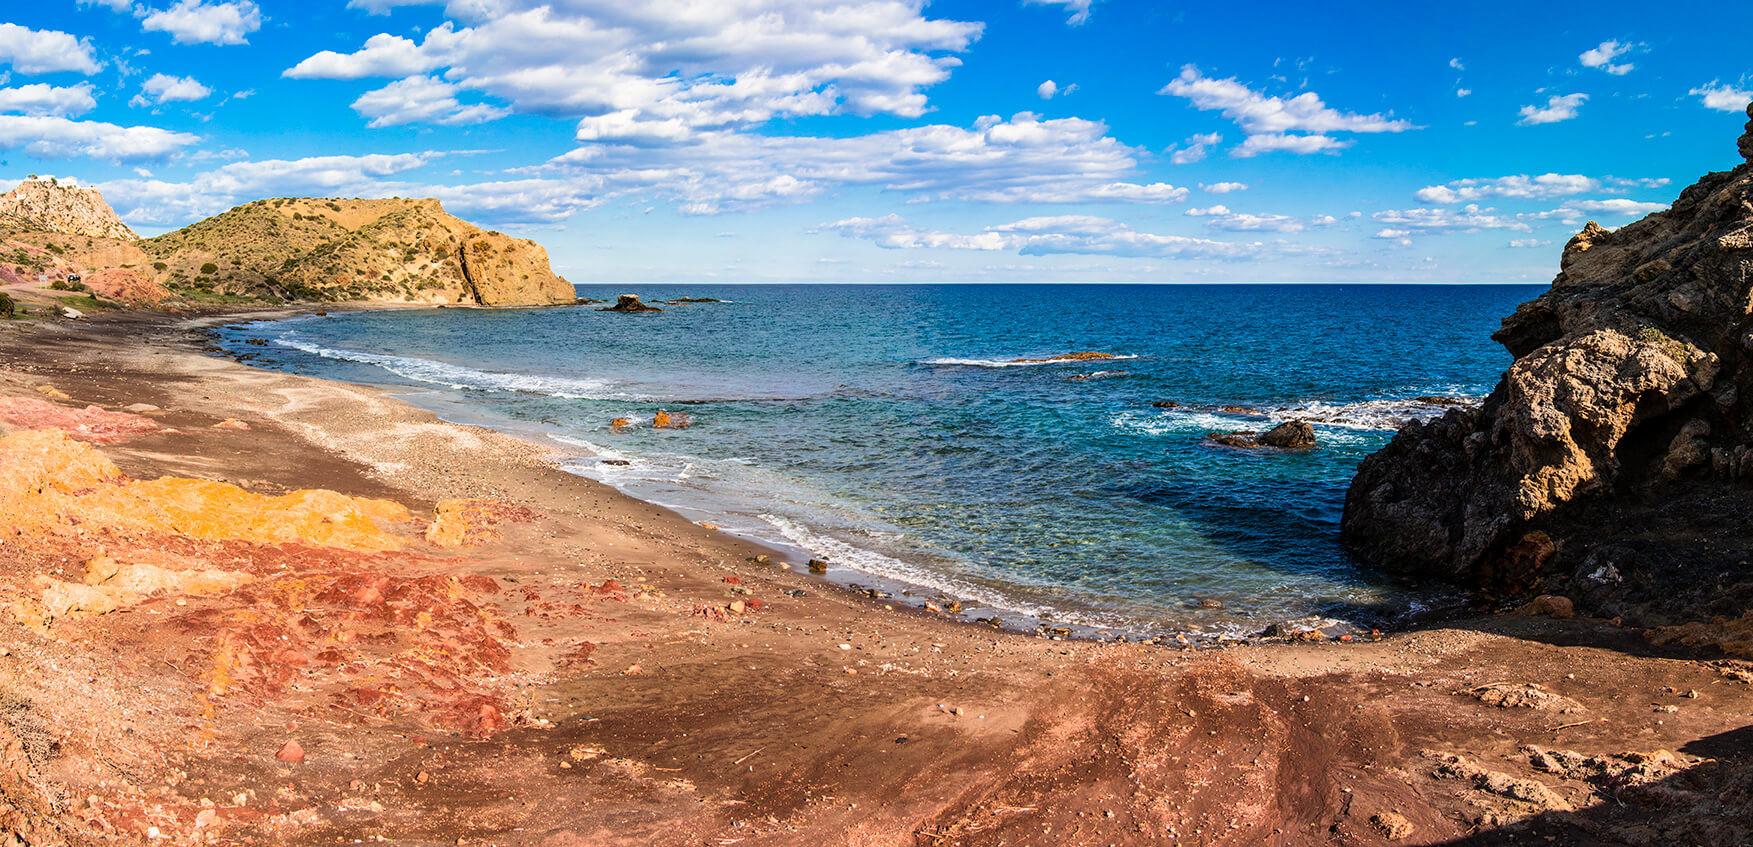 playa de colores.jpg